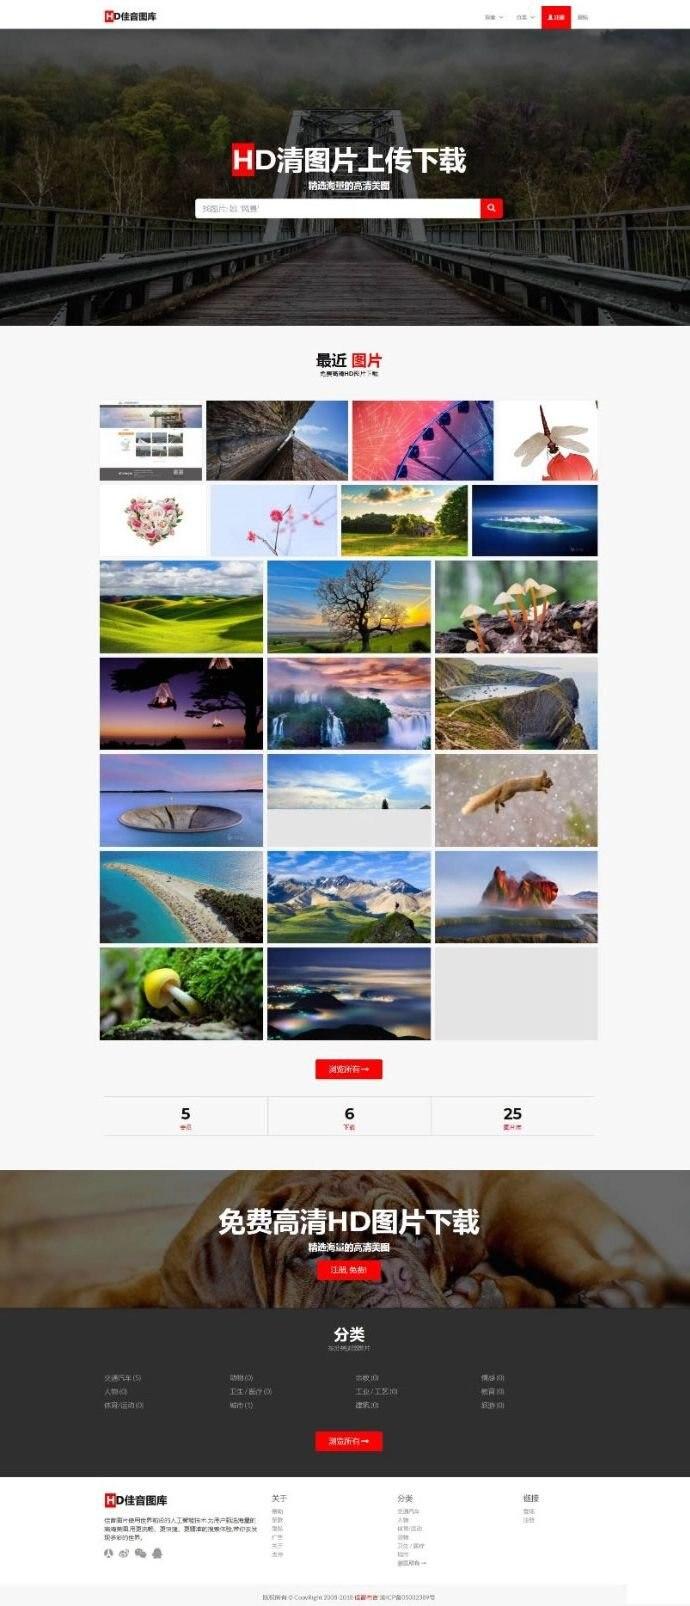 【在线图片上传分享系统】壁纸图库图片上传分享下载整站网站源码